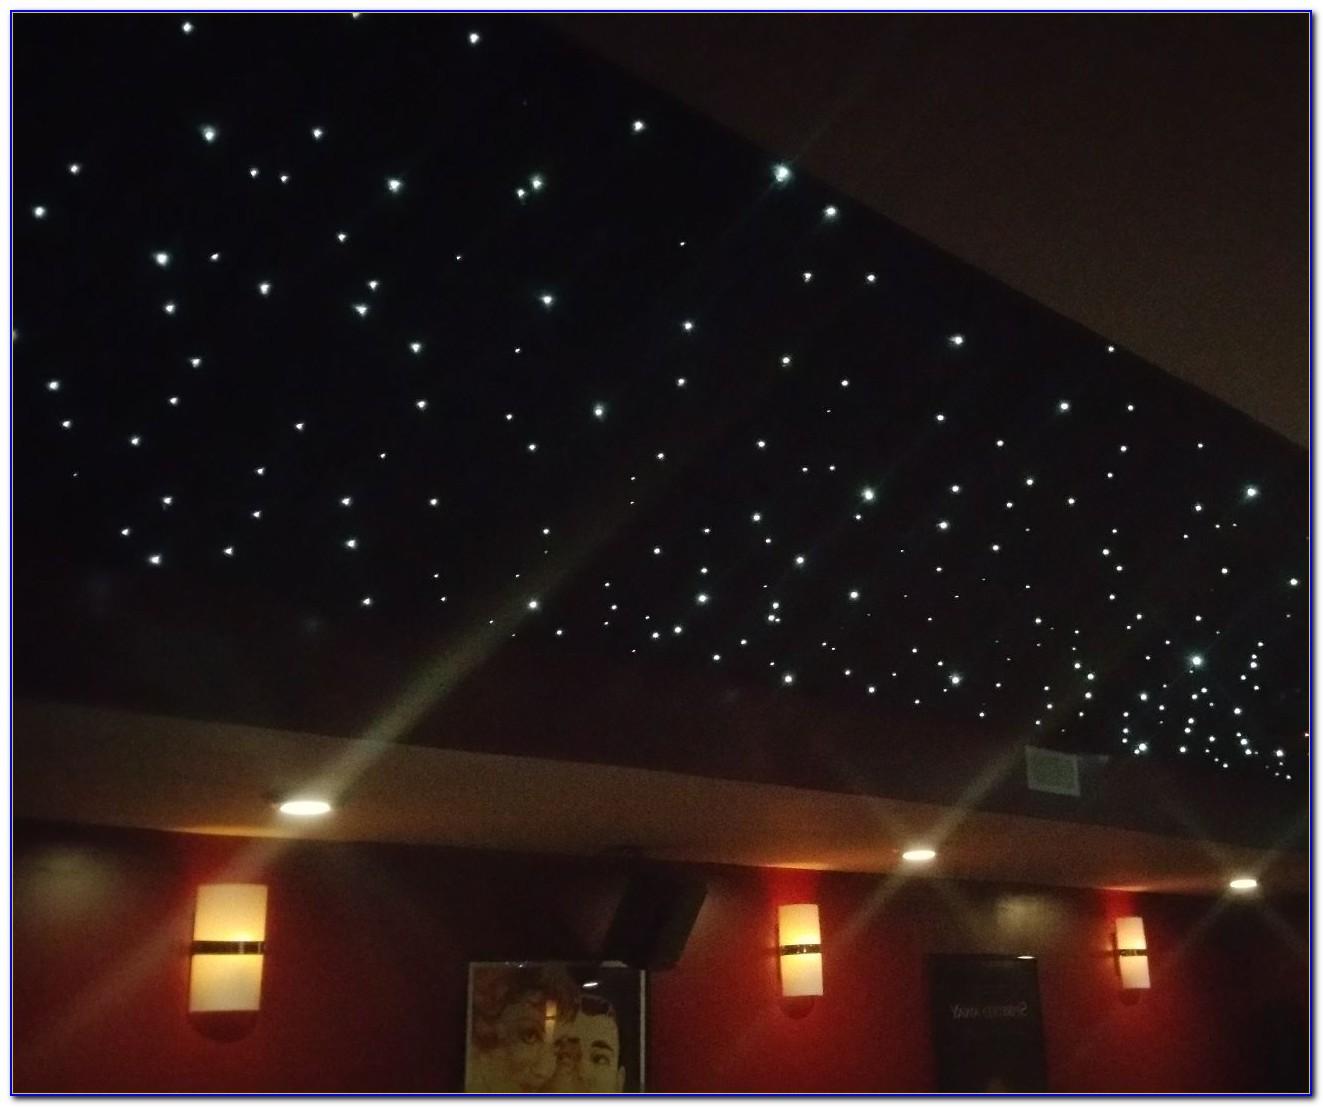 Fiber Optic Ceiling Panels